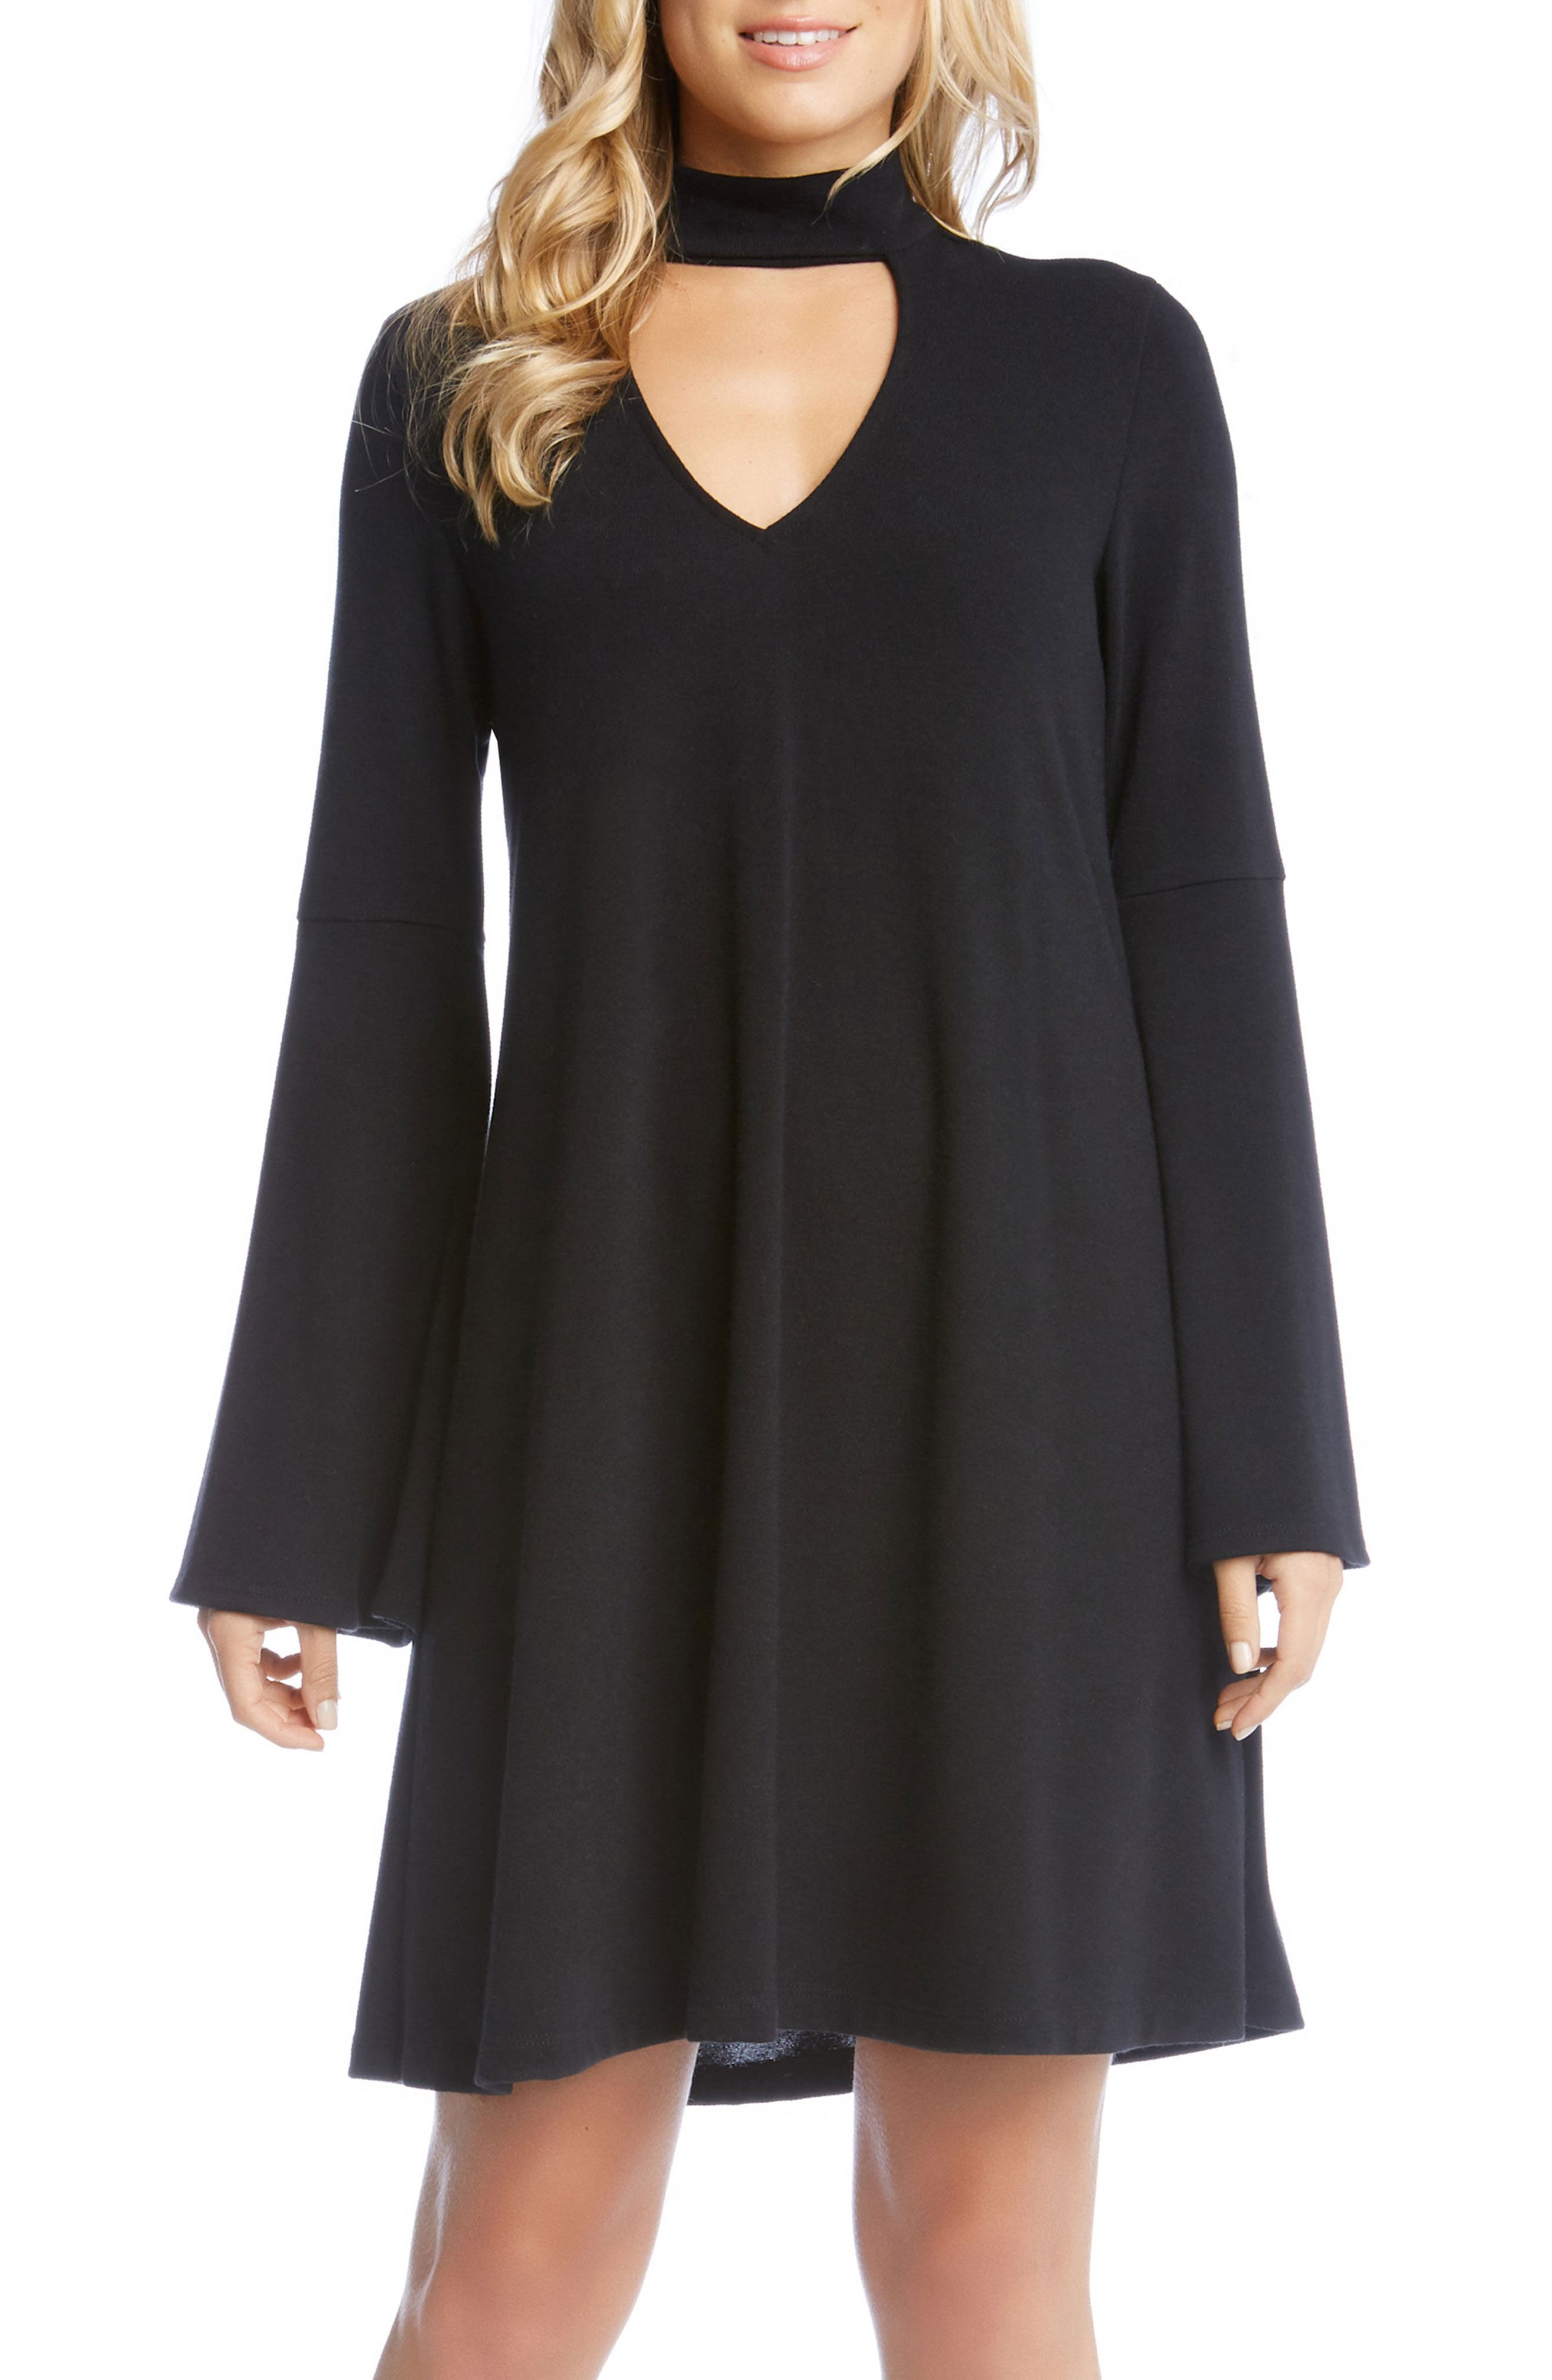 Main Image - Karen Kane Taylor Choker Neck Dress